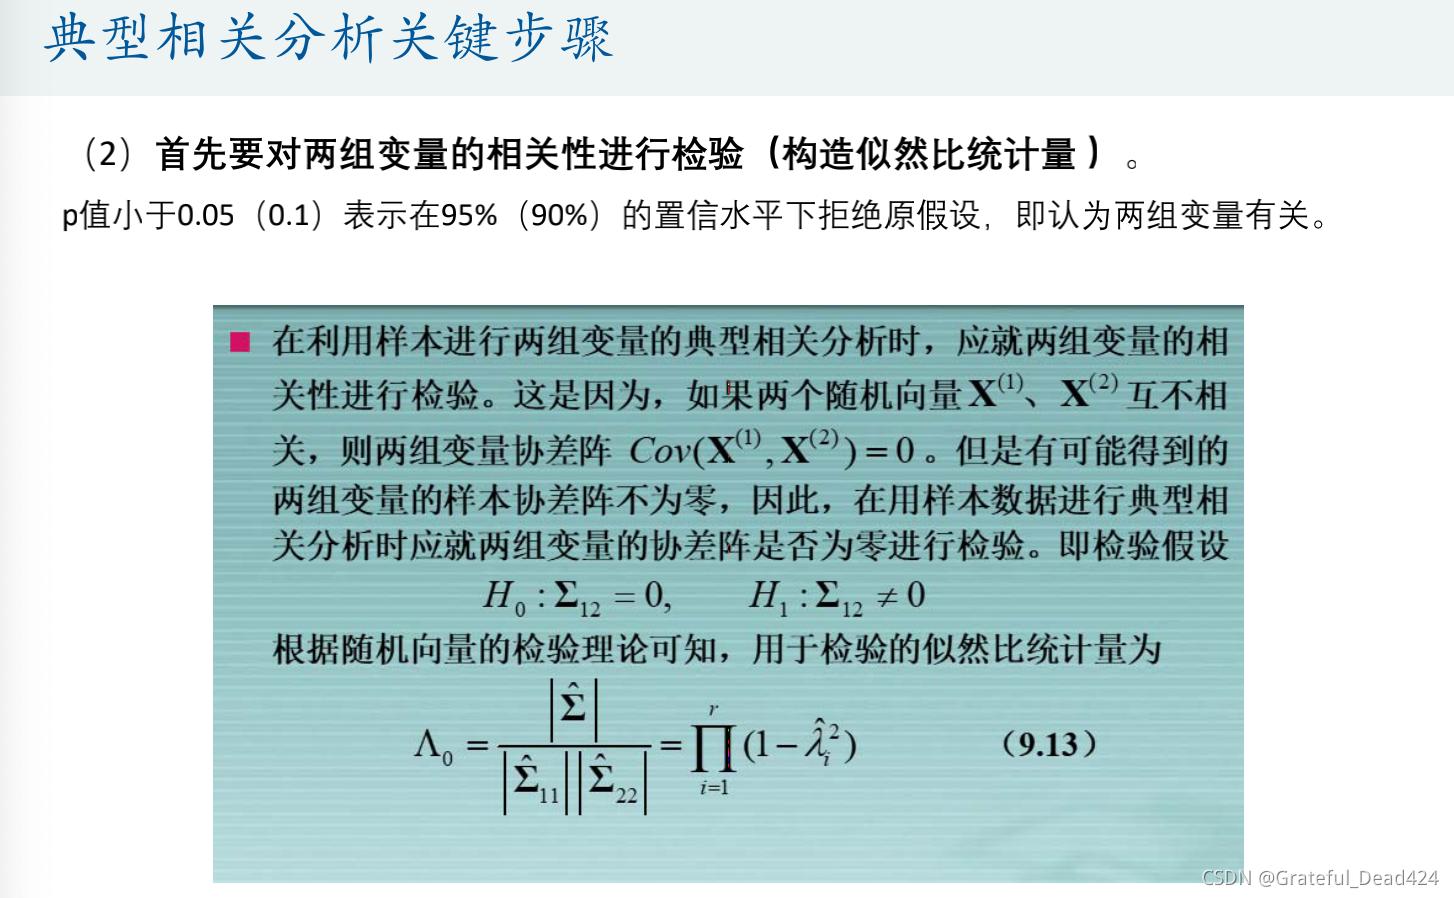 数学建模学习笔记——典型相关分析